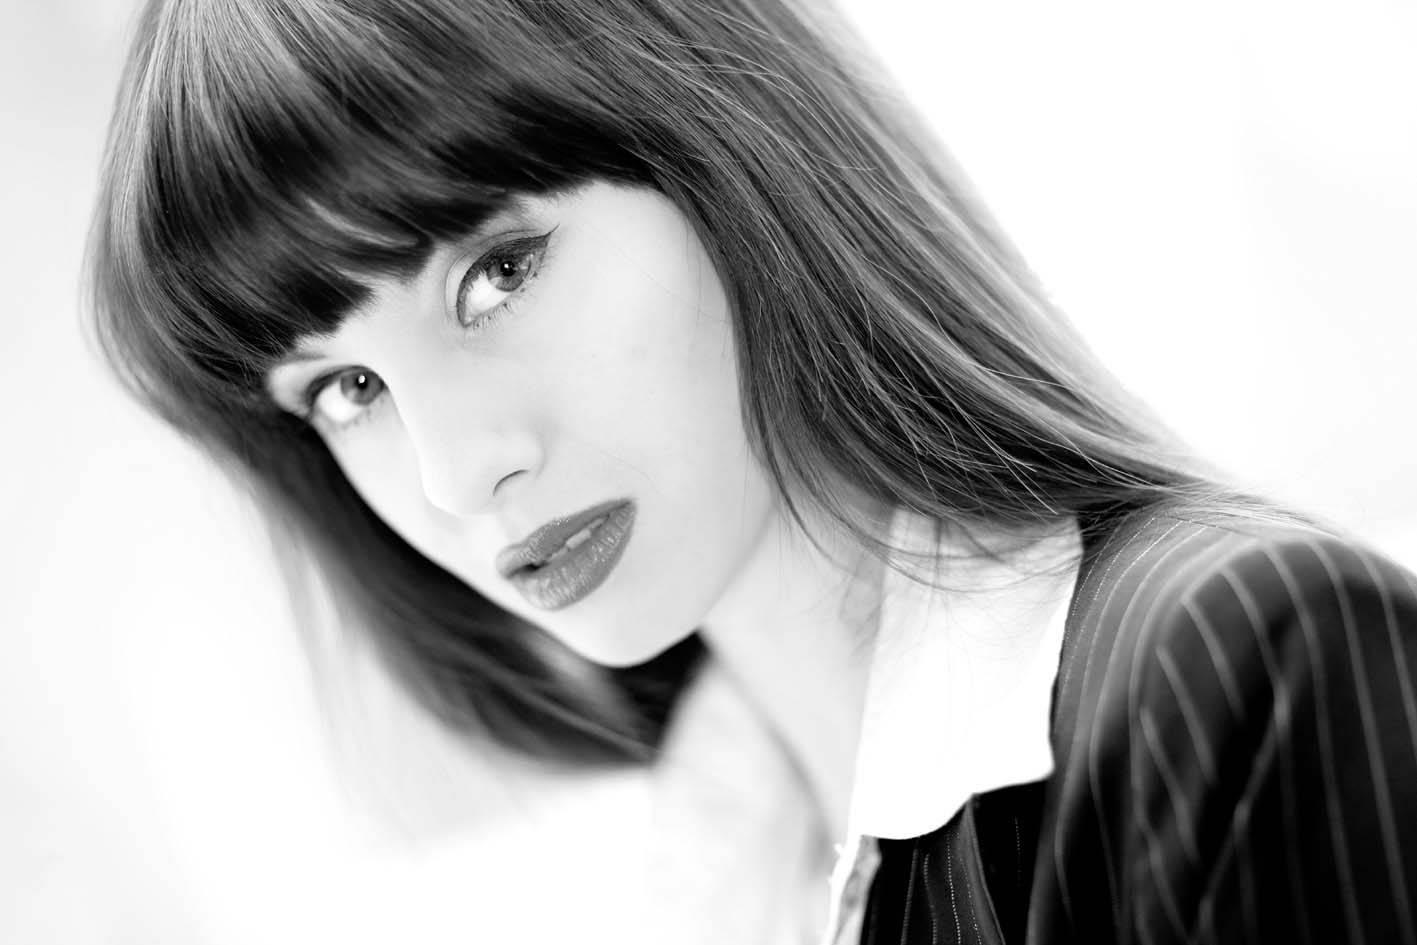 Jenny-Portrait-sw-2008